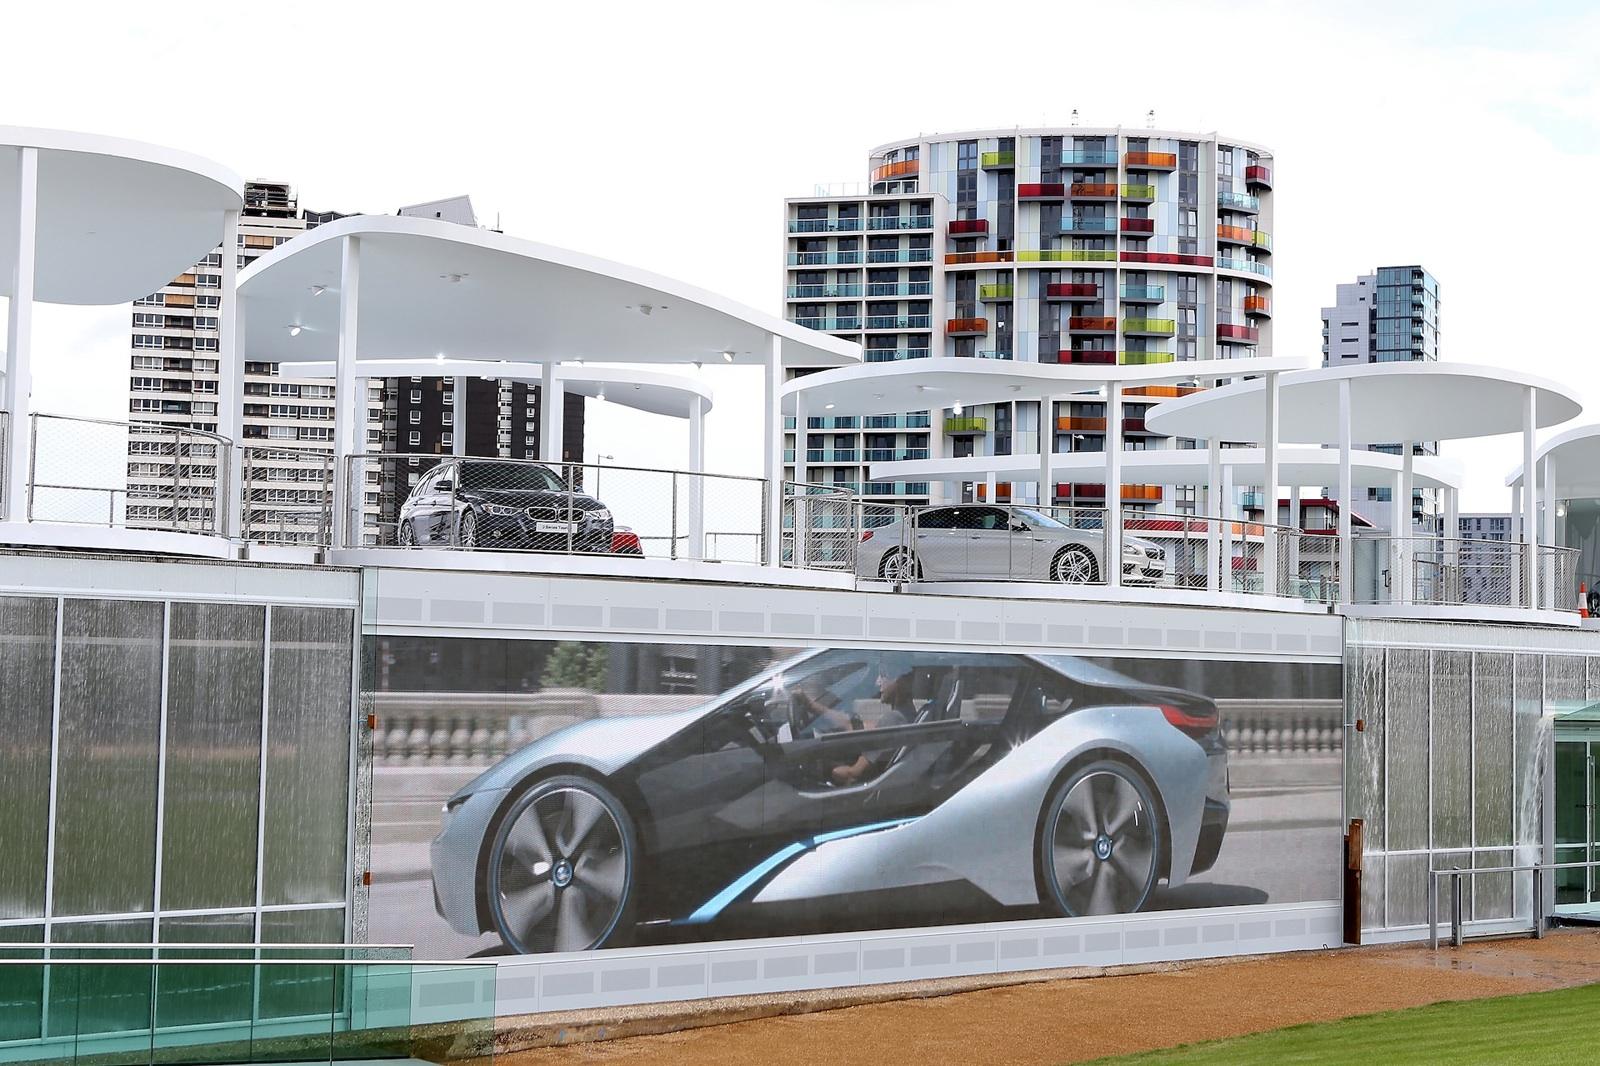 BMW-London-Olympics